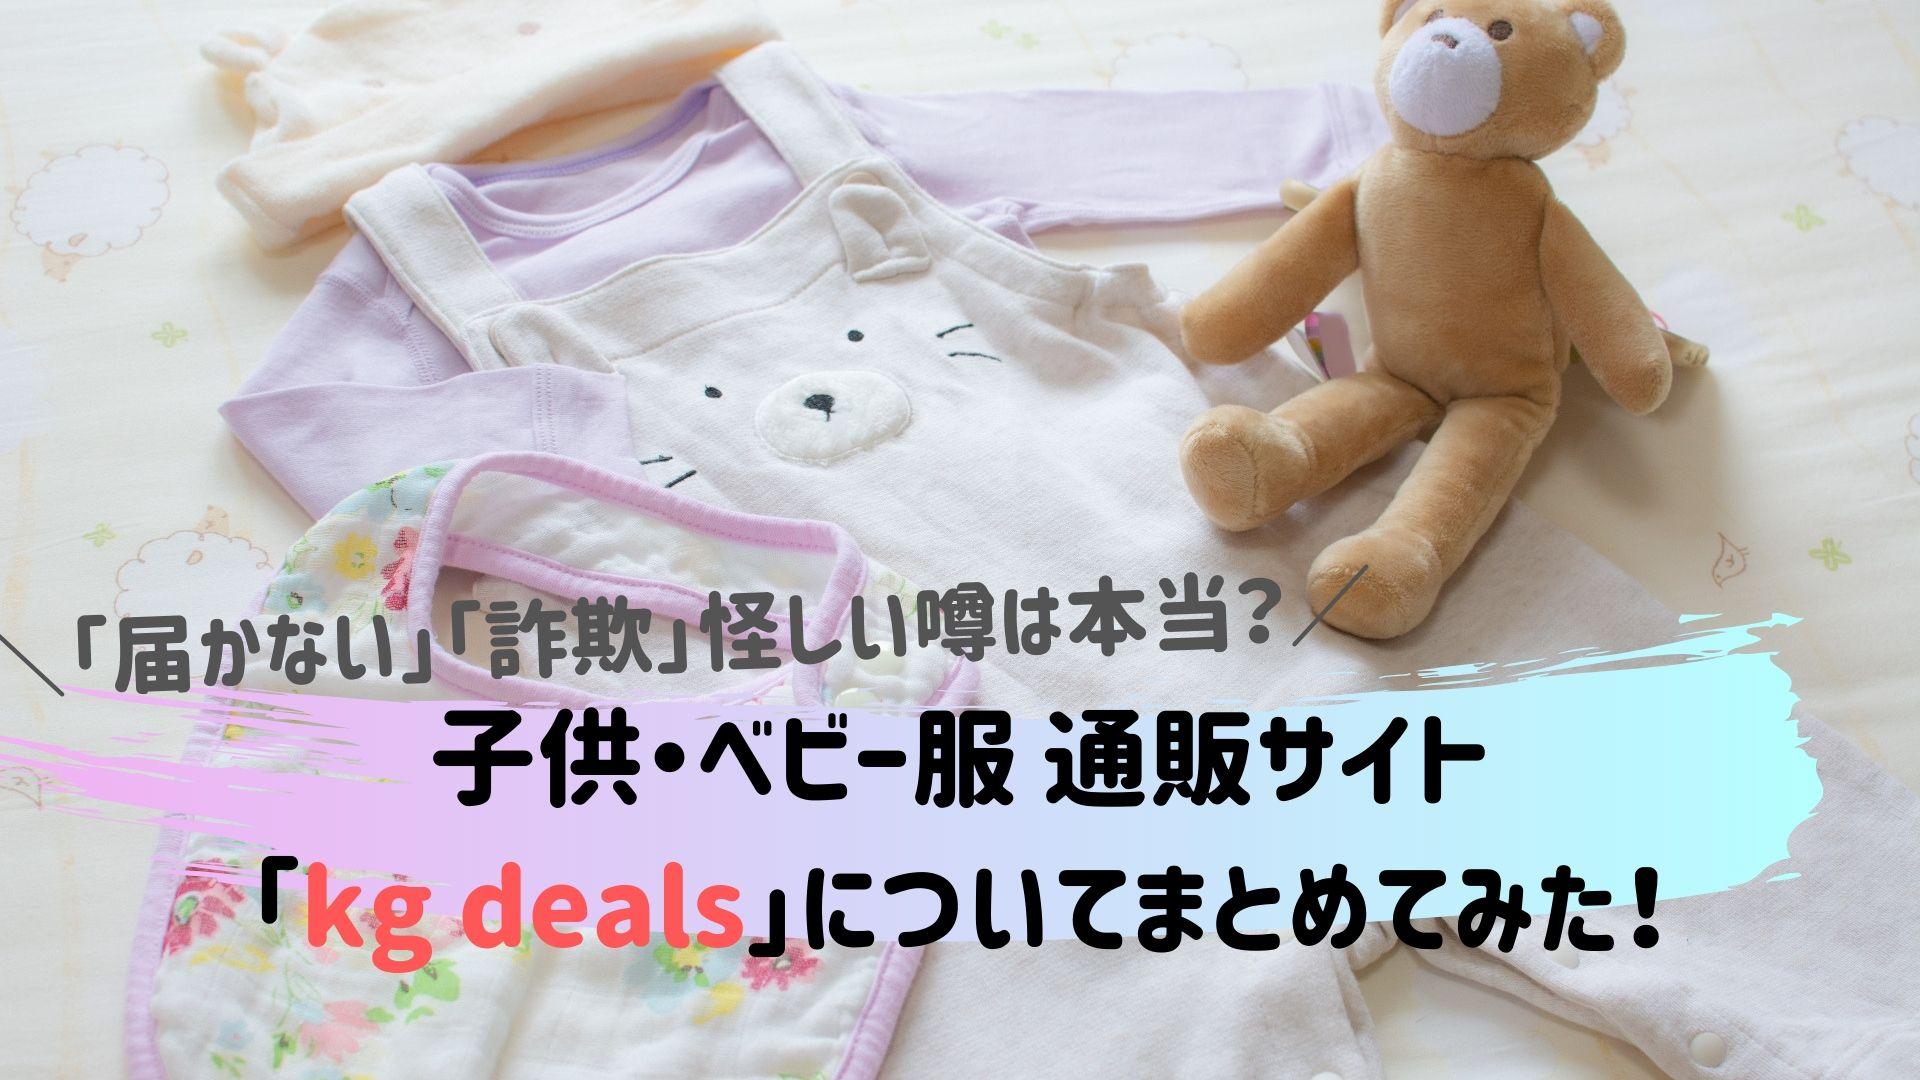 子供・ベビー服通販サイト 「kg deals」についてまとめてみた